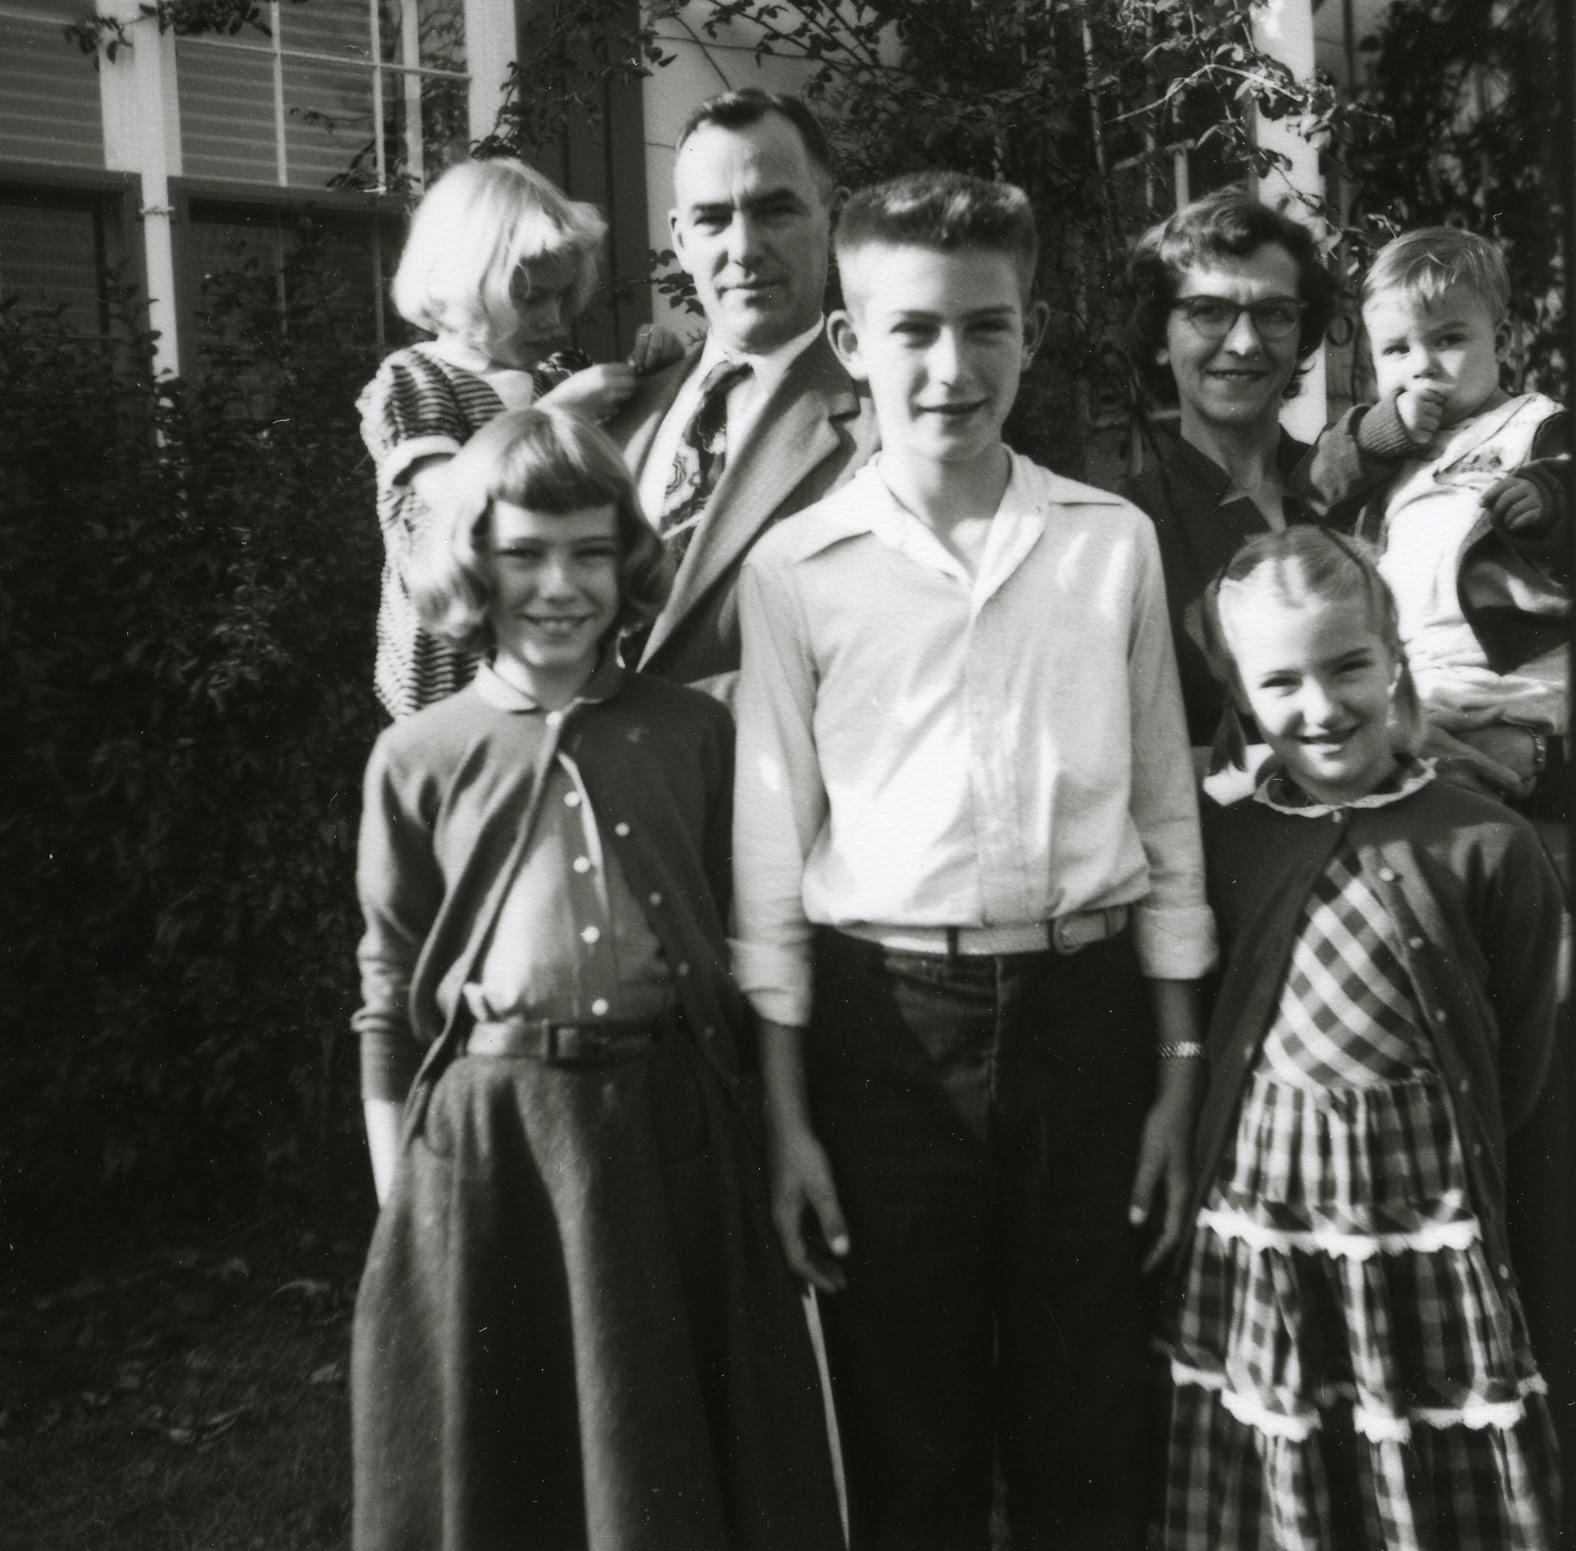 wmdhurstfamily1956-7